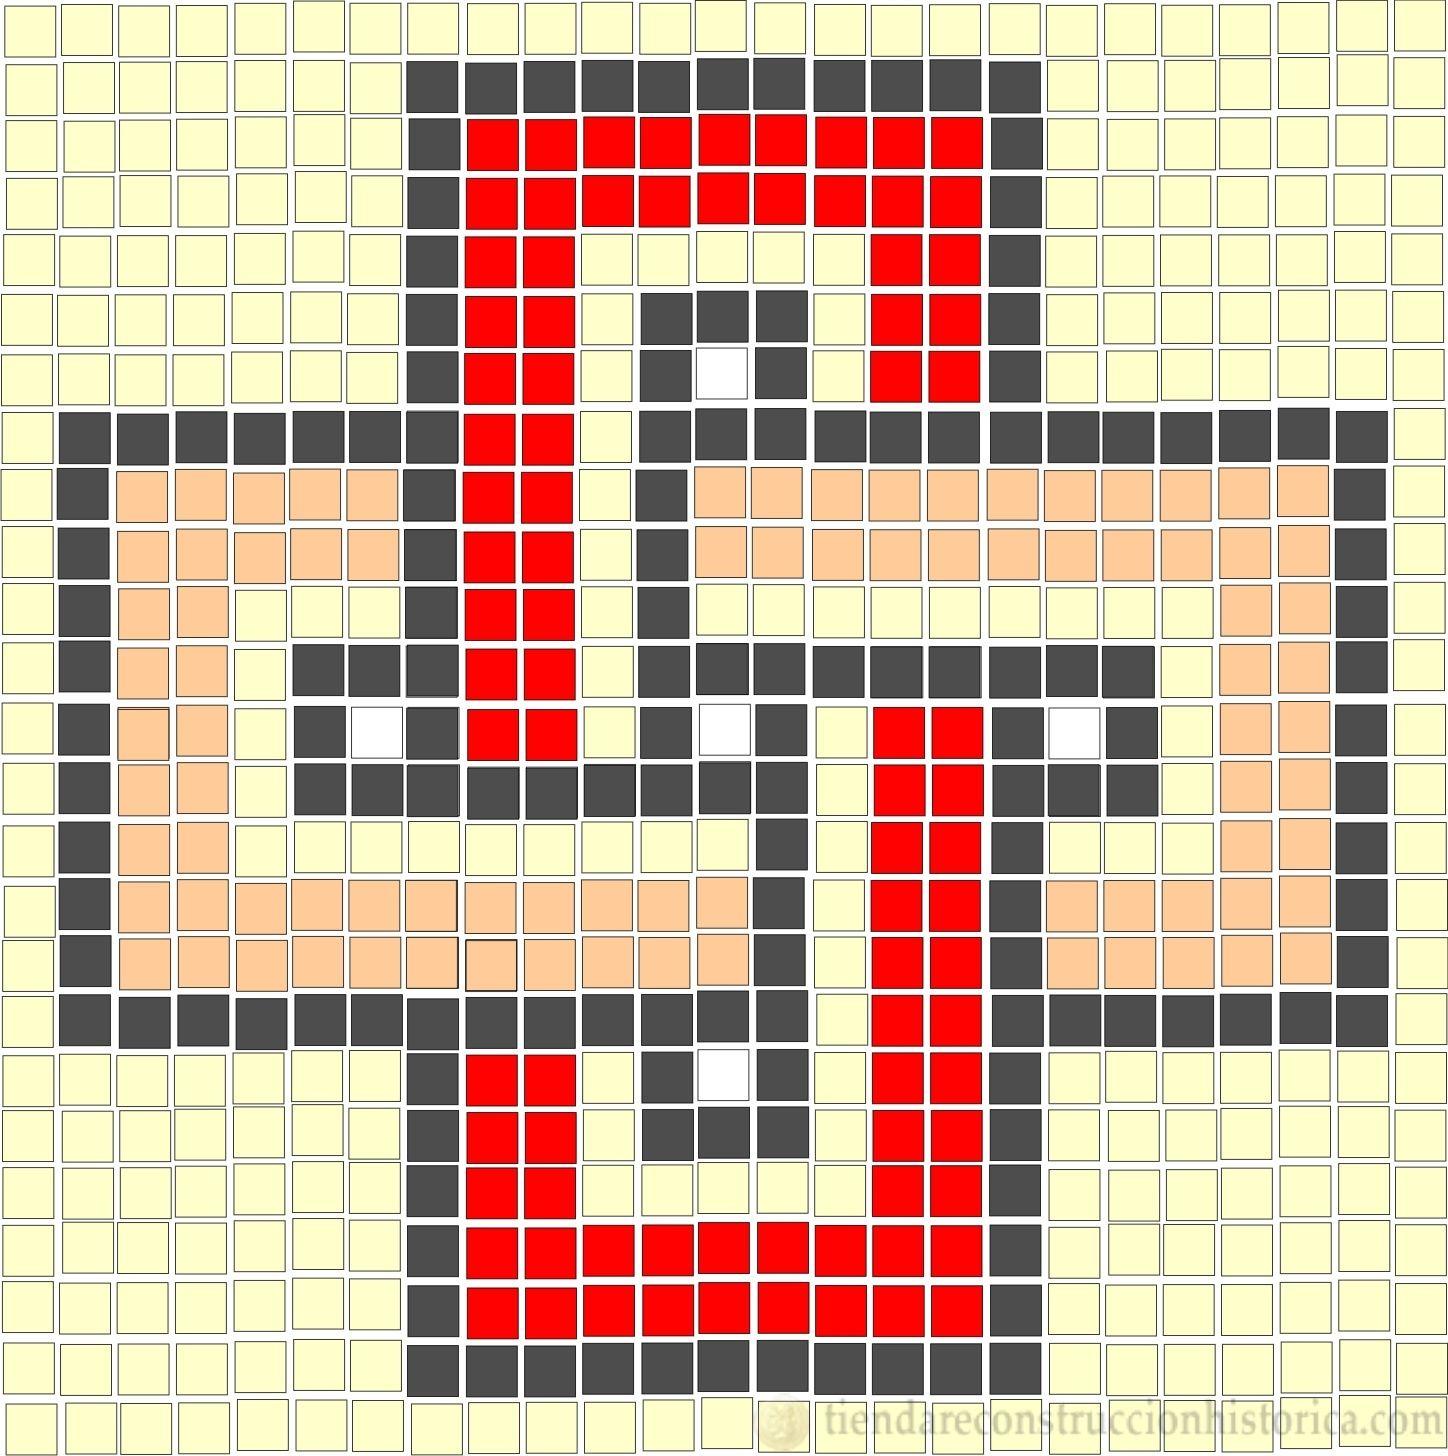 Plantillas para Mosaico Romano - Tienda de Reconstrucción Histórica ...